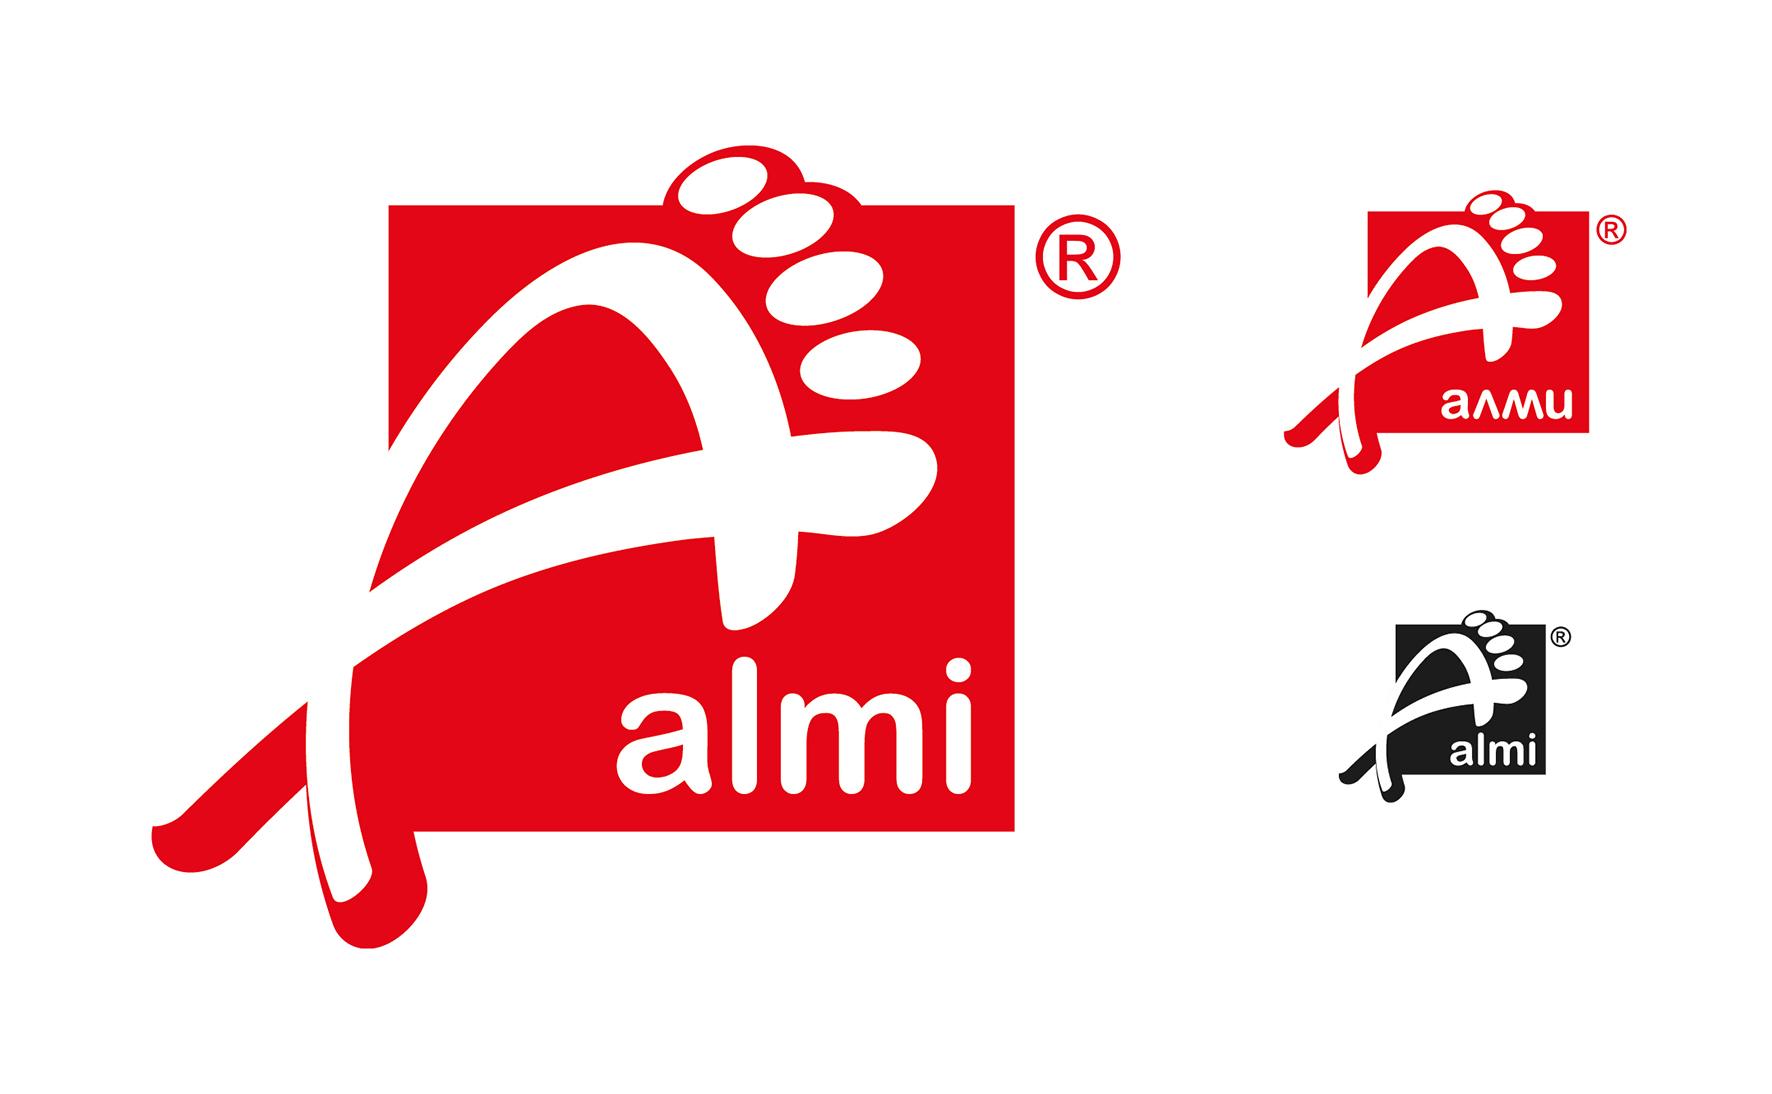 Дизайн логотипа обувной марки Алми фото f_91359f81d92a418e.jpg